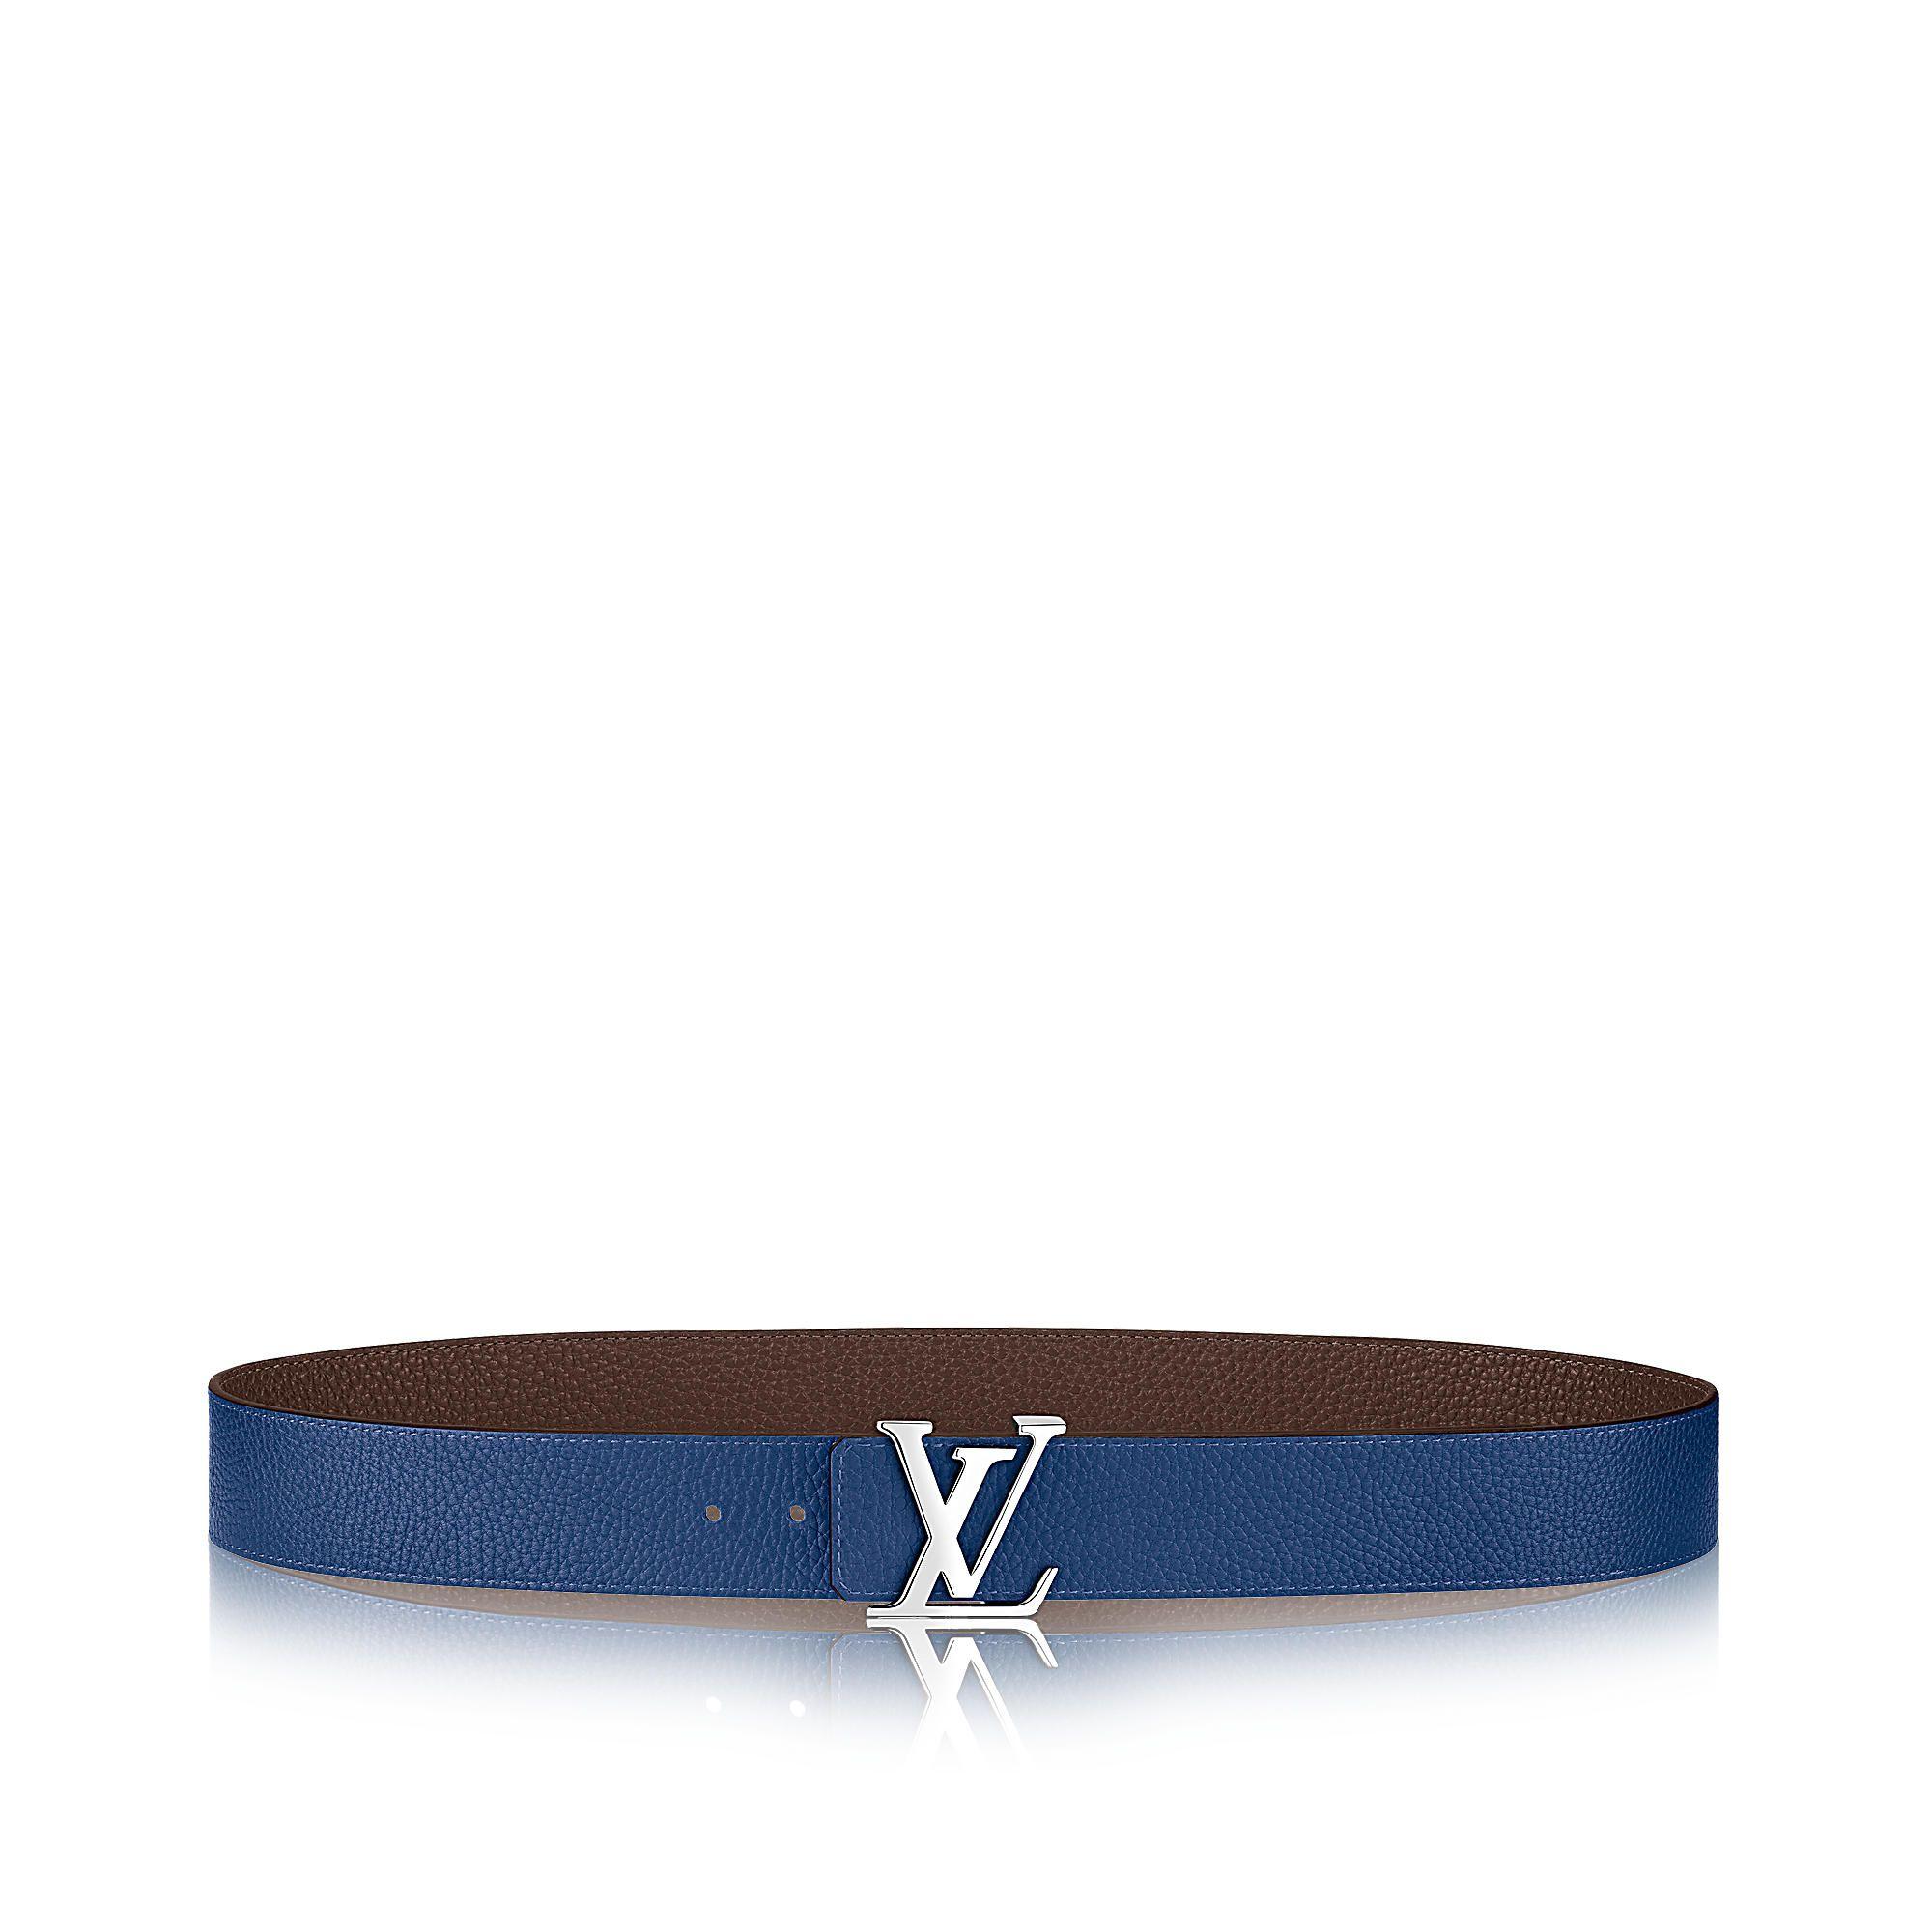 a30860407a76 LV Initiales 40 mm Reversible via Louis Vuitton